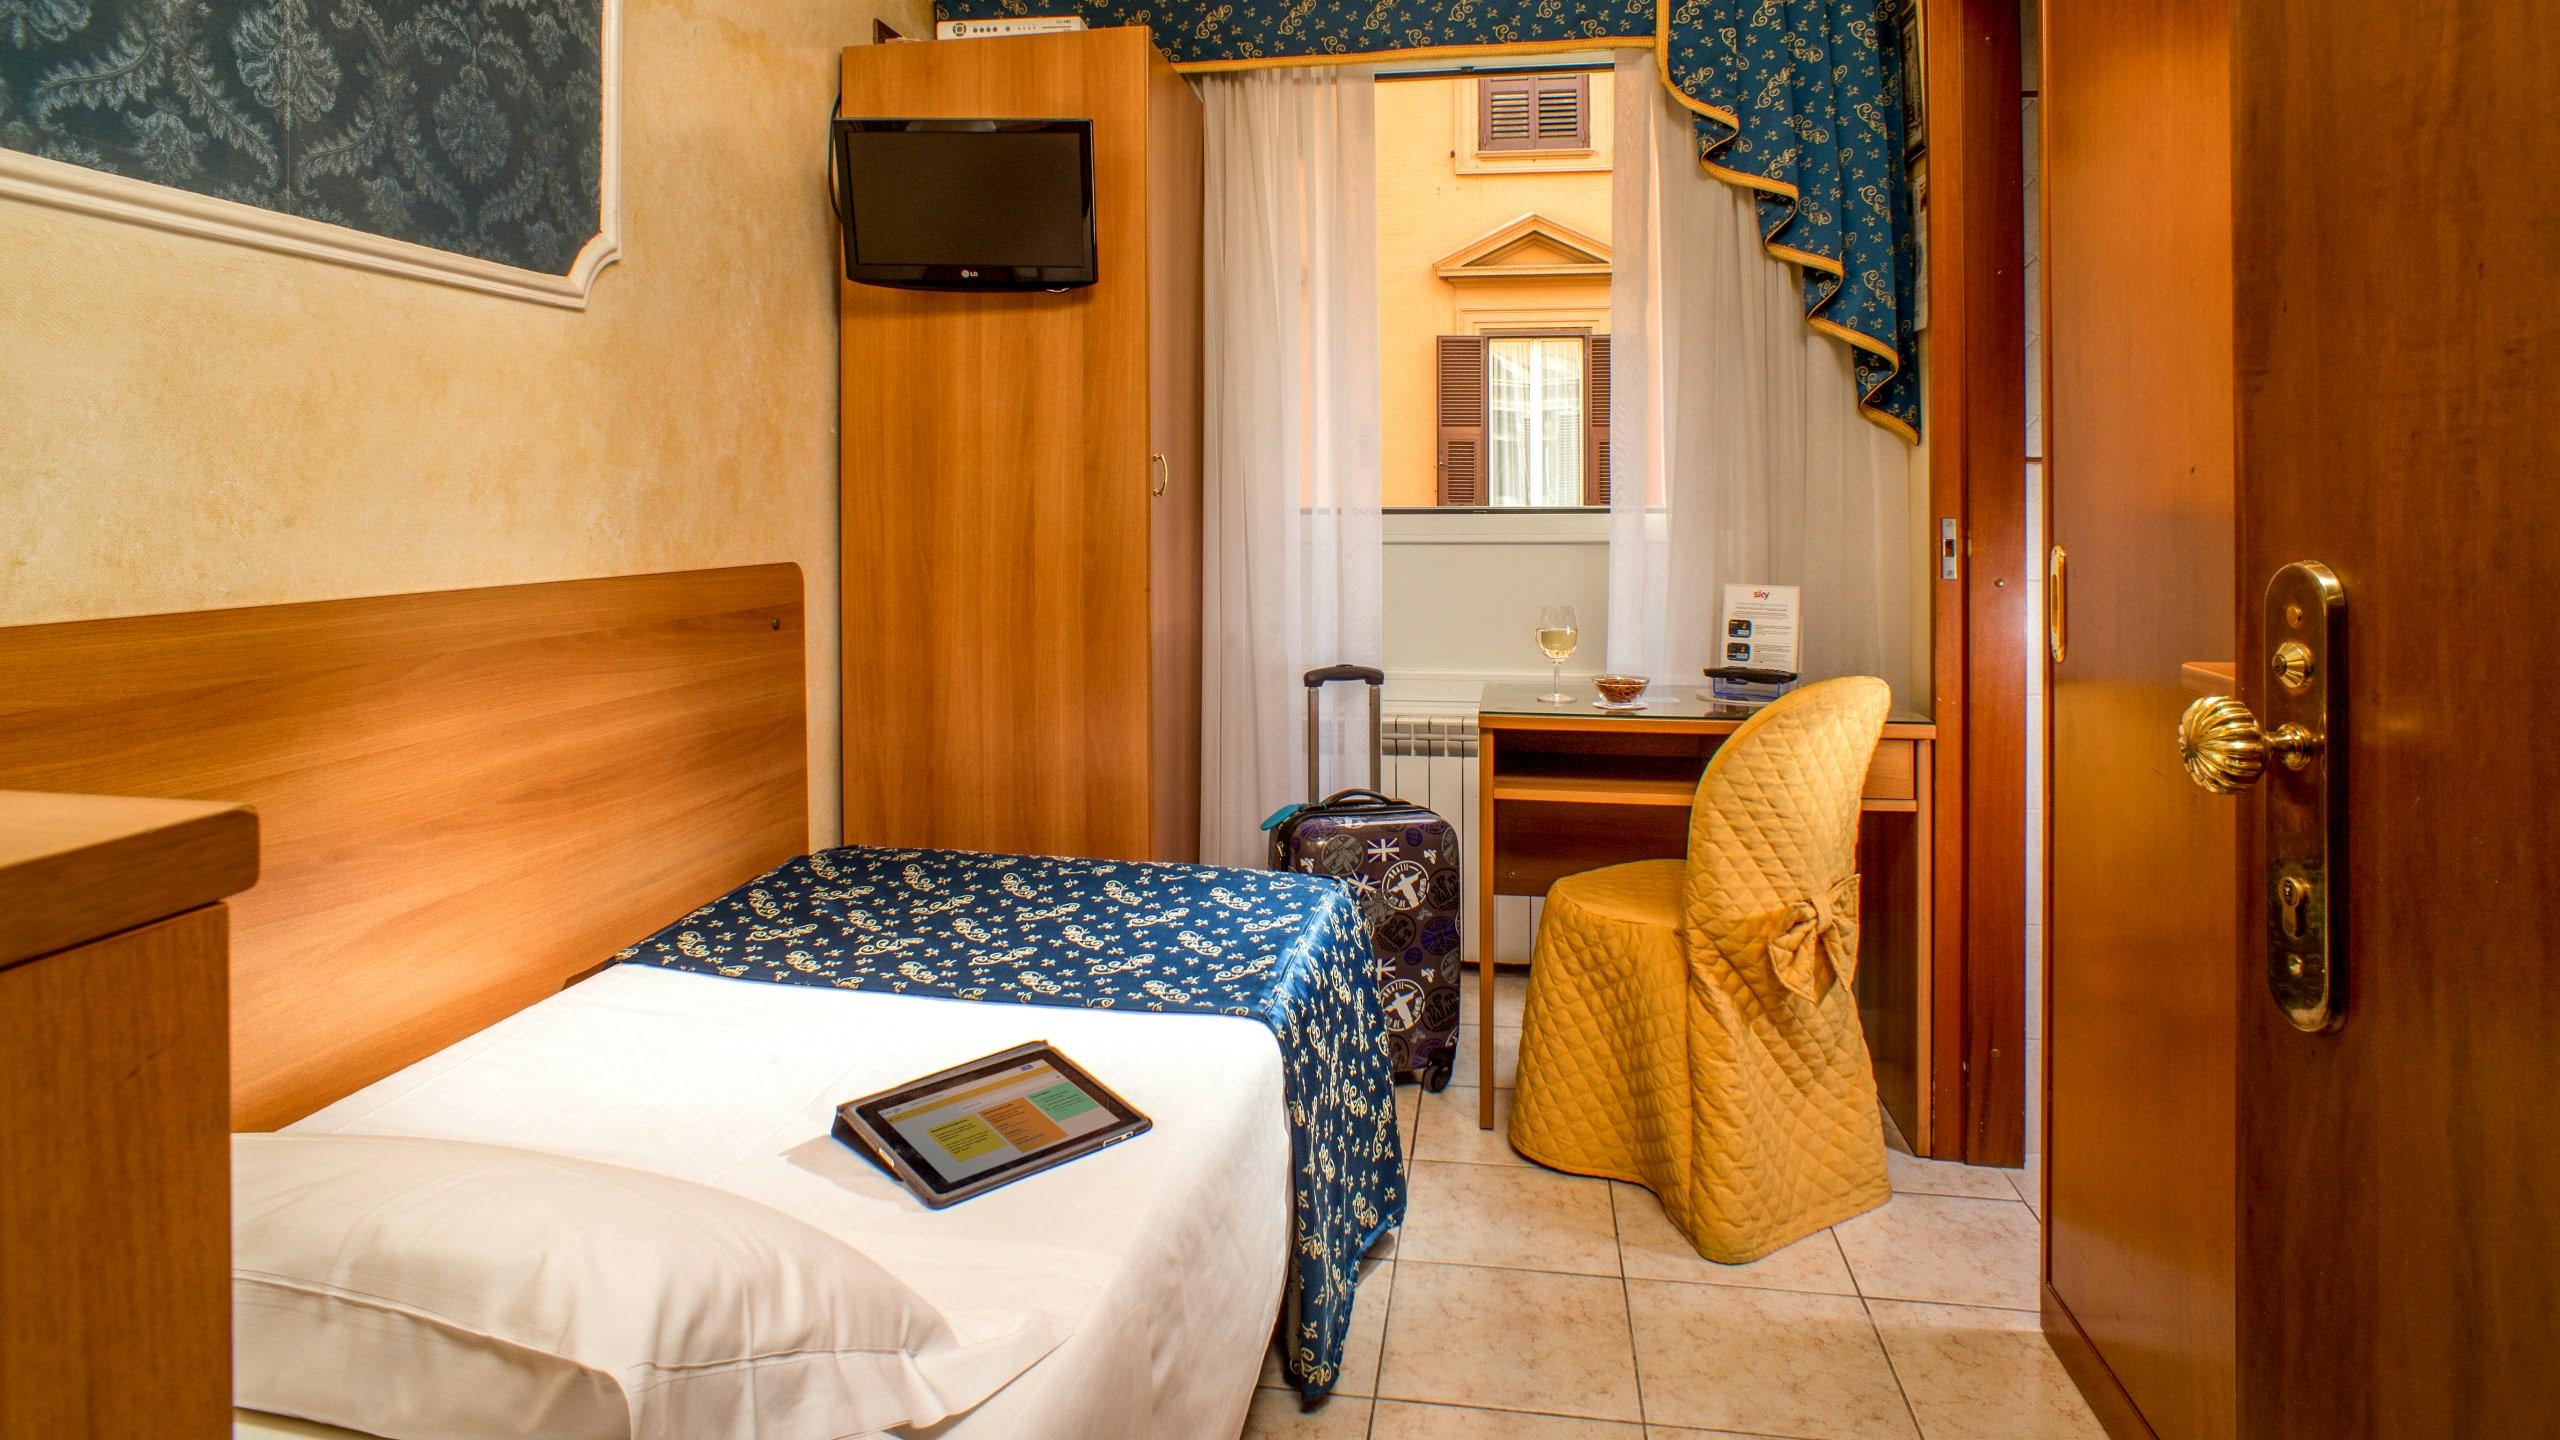 Hotel Assisi Roma Sito Ufficiale